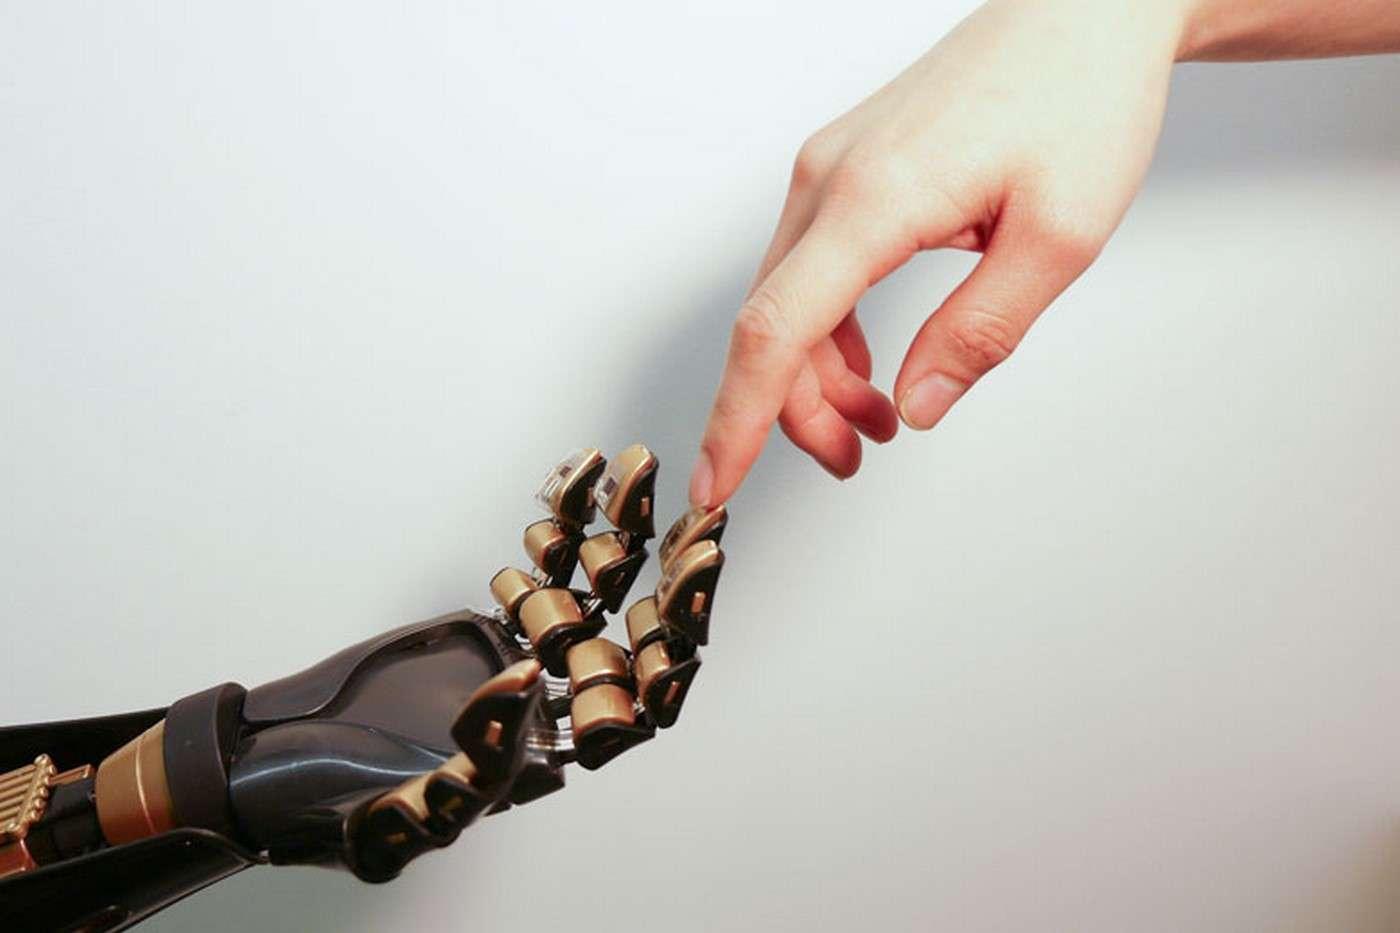 Le professeur Zehan Bao de l'université de Stanford travaille depuis une décennie sur la peau artificielle. Son nouveau mécanorécepteur ouvre des perspectives très prometteuses pour les prothèses bioniques. © Bao Research Group, Stanford University